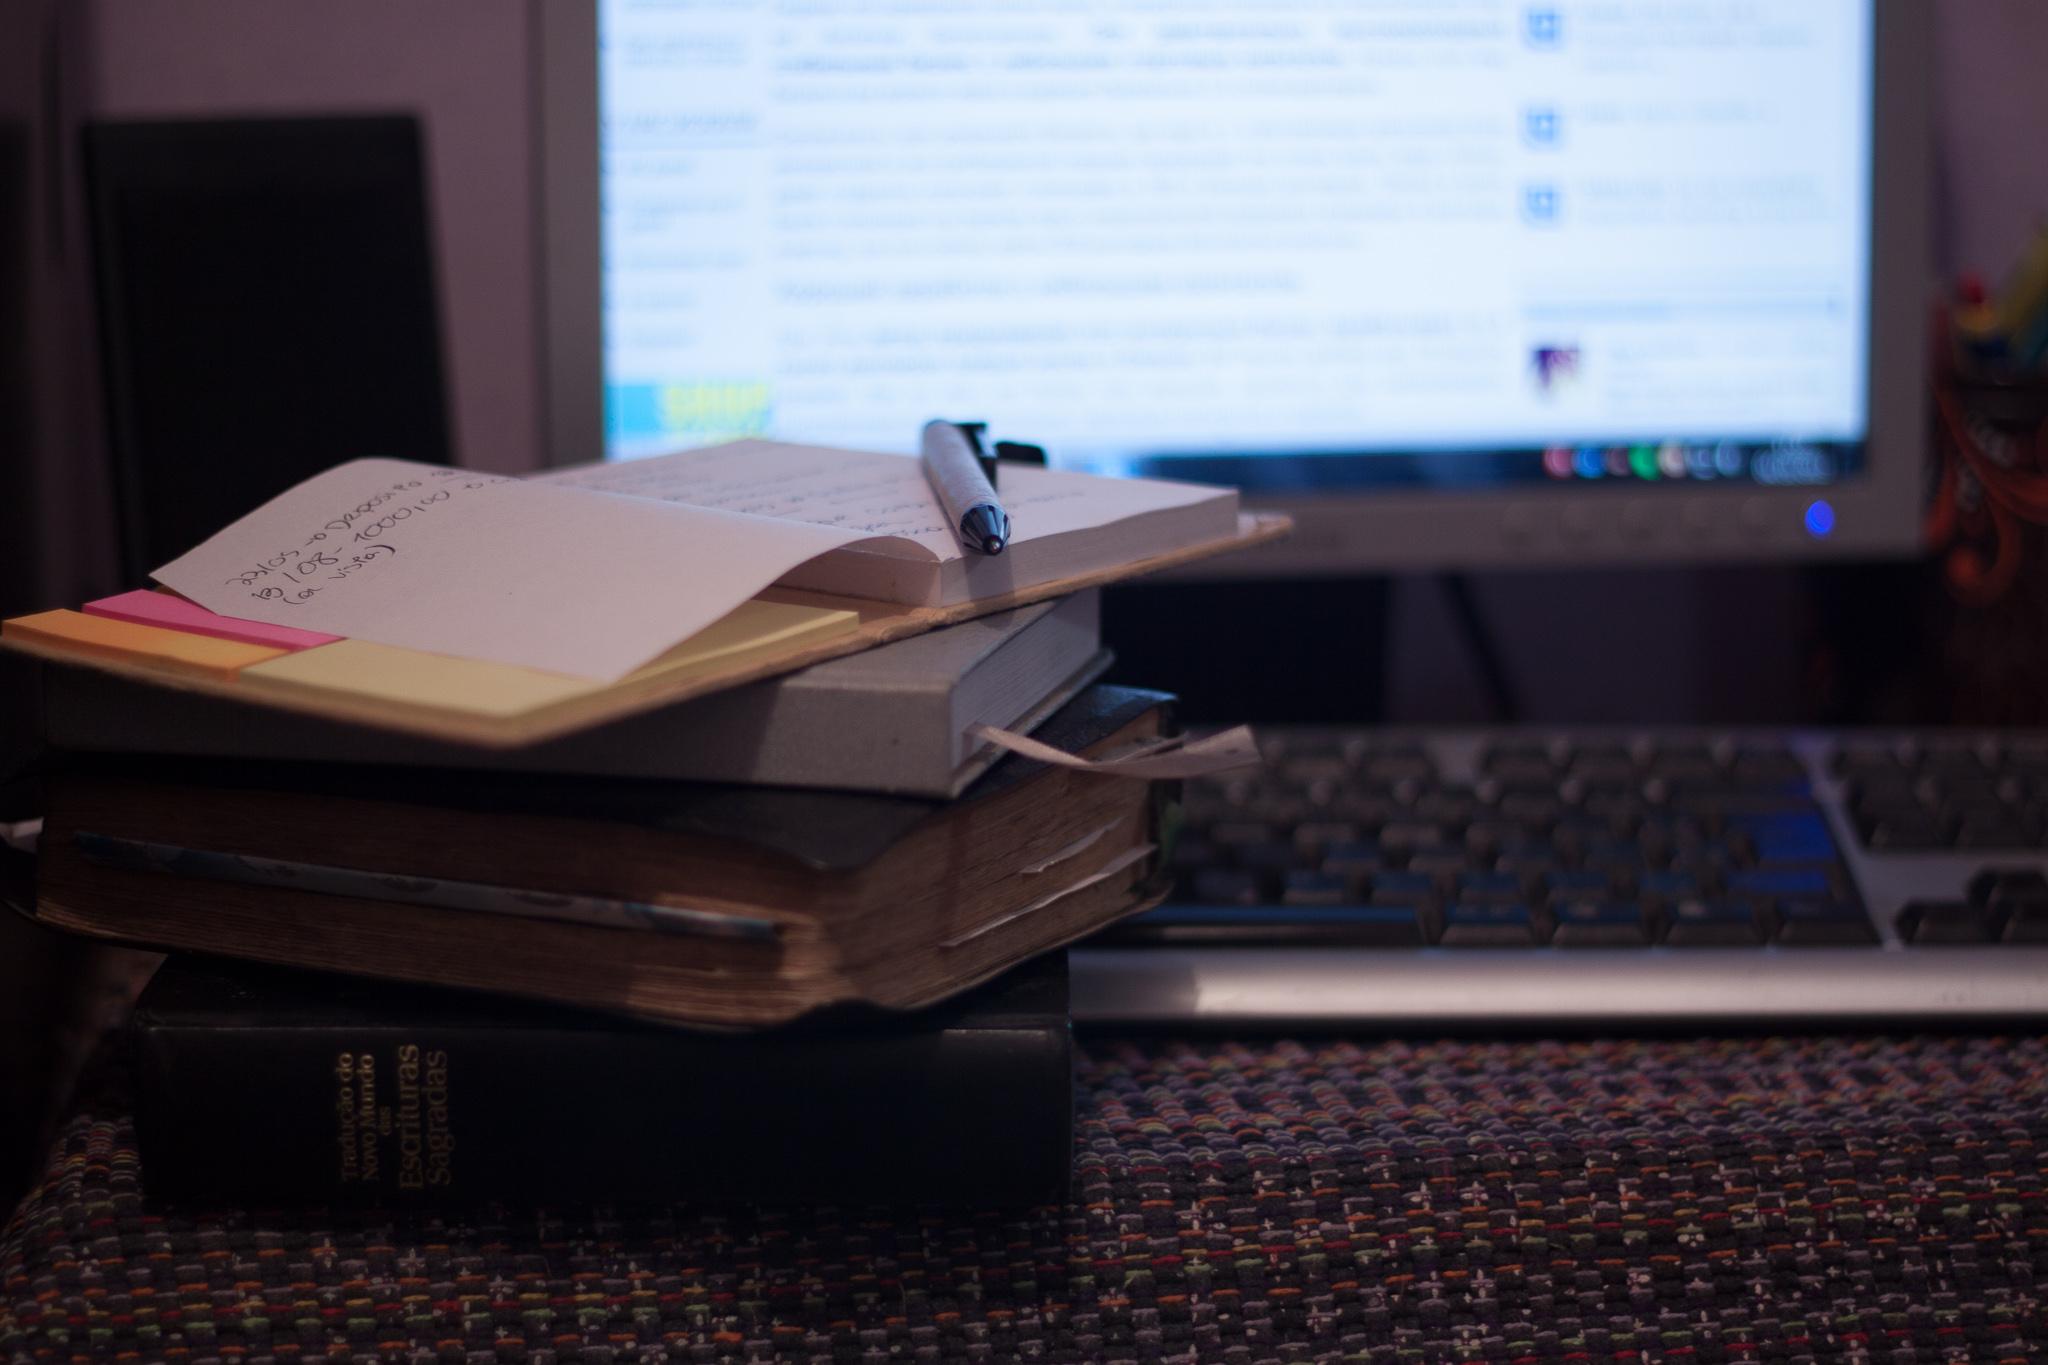 Плагиат в бизнесе, Воруют идеи, Копирование идей, Бизнес на чужих идеях, Использовать чужие идеи нужно.